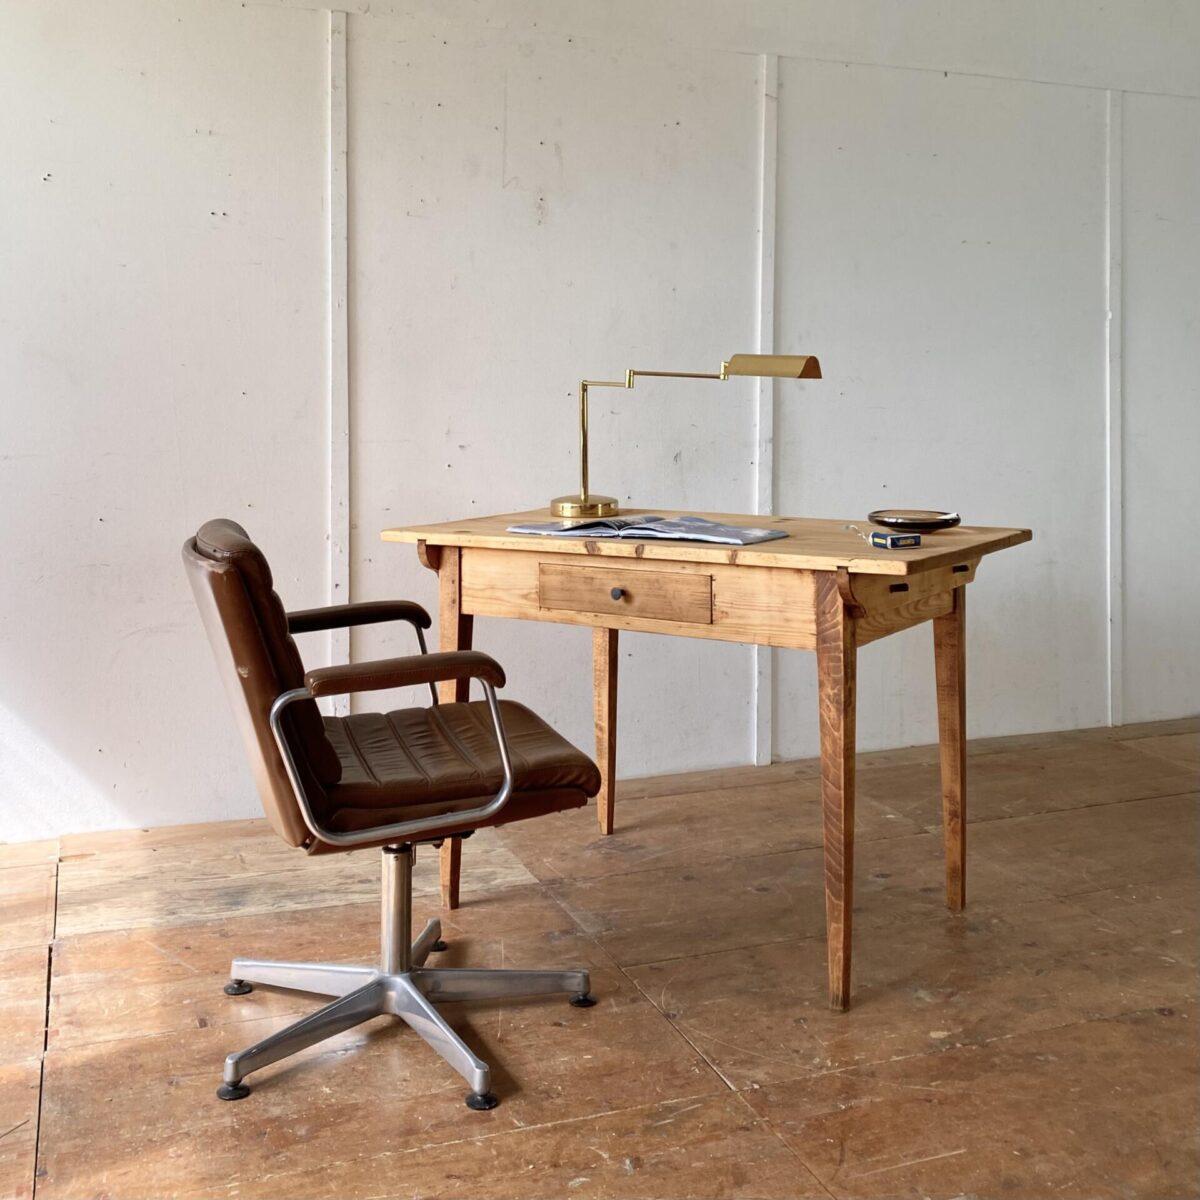 Deuxieme.shop Tannenholz Biedermeier Schreibtisch mit Schublade. 120x70cm Höhe 79.5cm. Konische Tischbeine aus Buchenholz, das Tischblatt mit Gratleisten wird mittels Holzzapfen mit dem Unterbau verbunden.